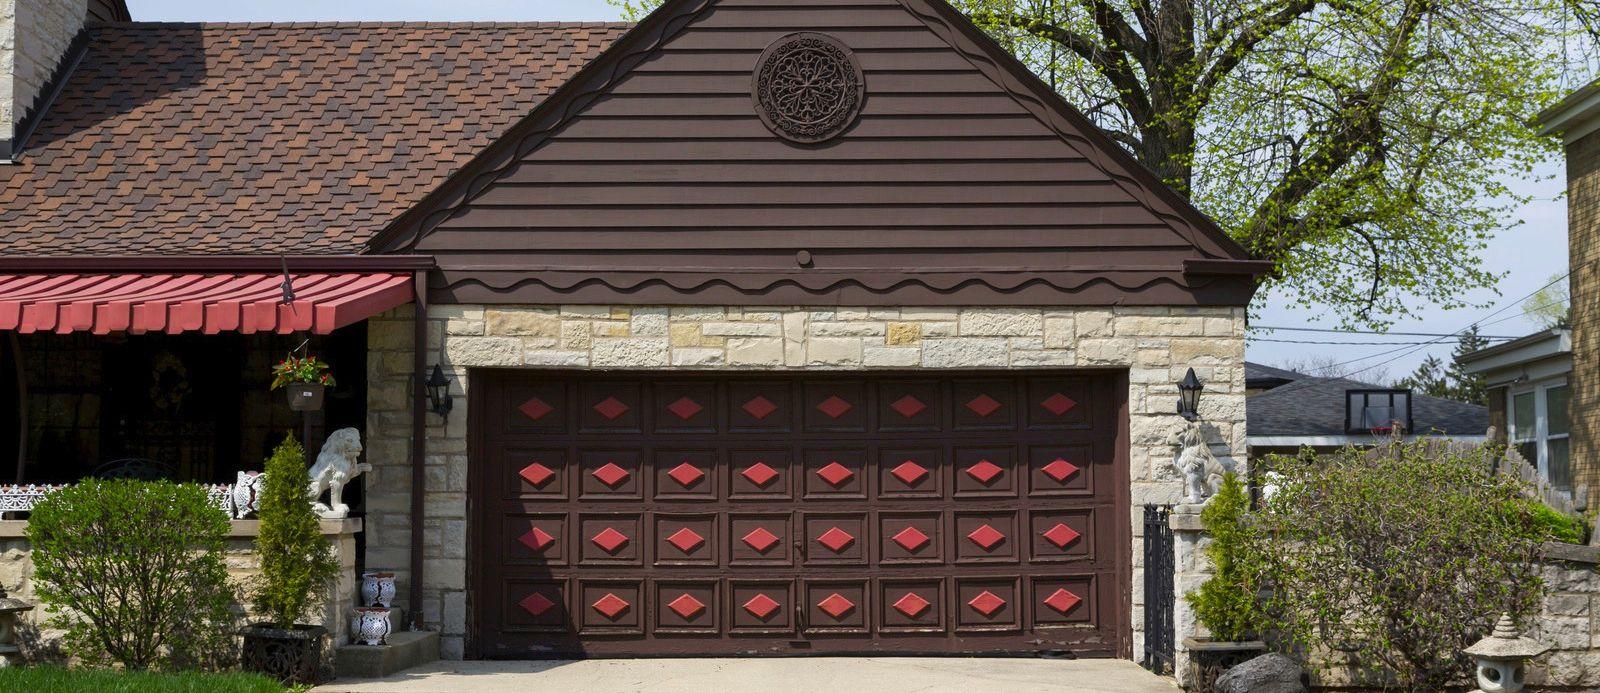 Garage Door Repair Amp Installation In Alton Il Garage